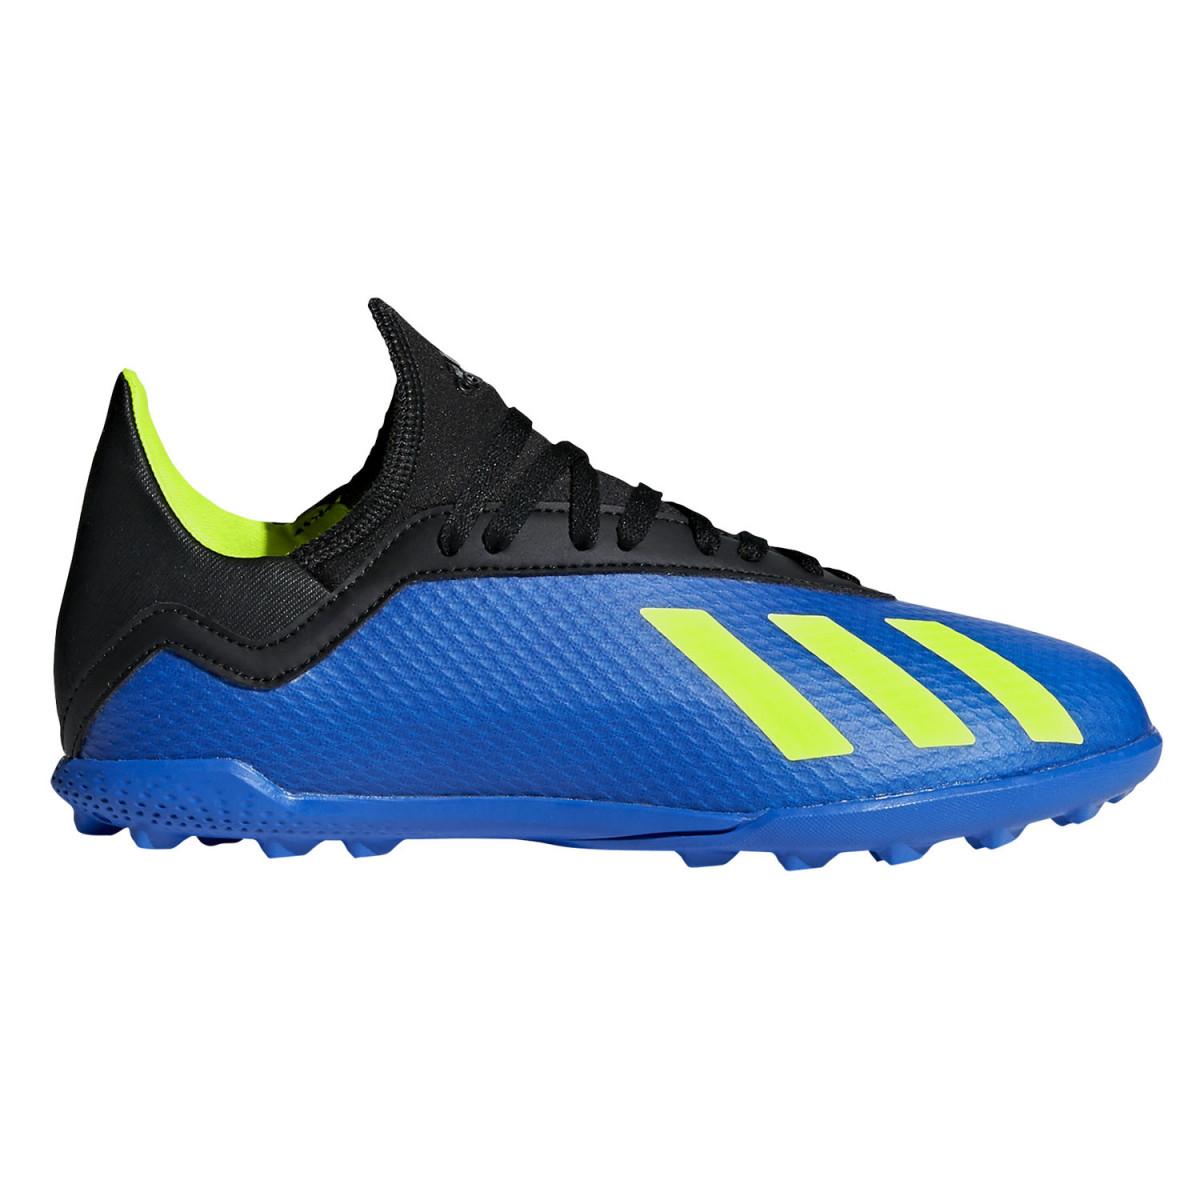 sale retailer ea5a2 e01d0 Botines Adidas X Tango 18.3 Tf